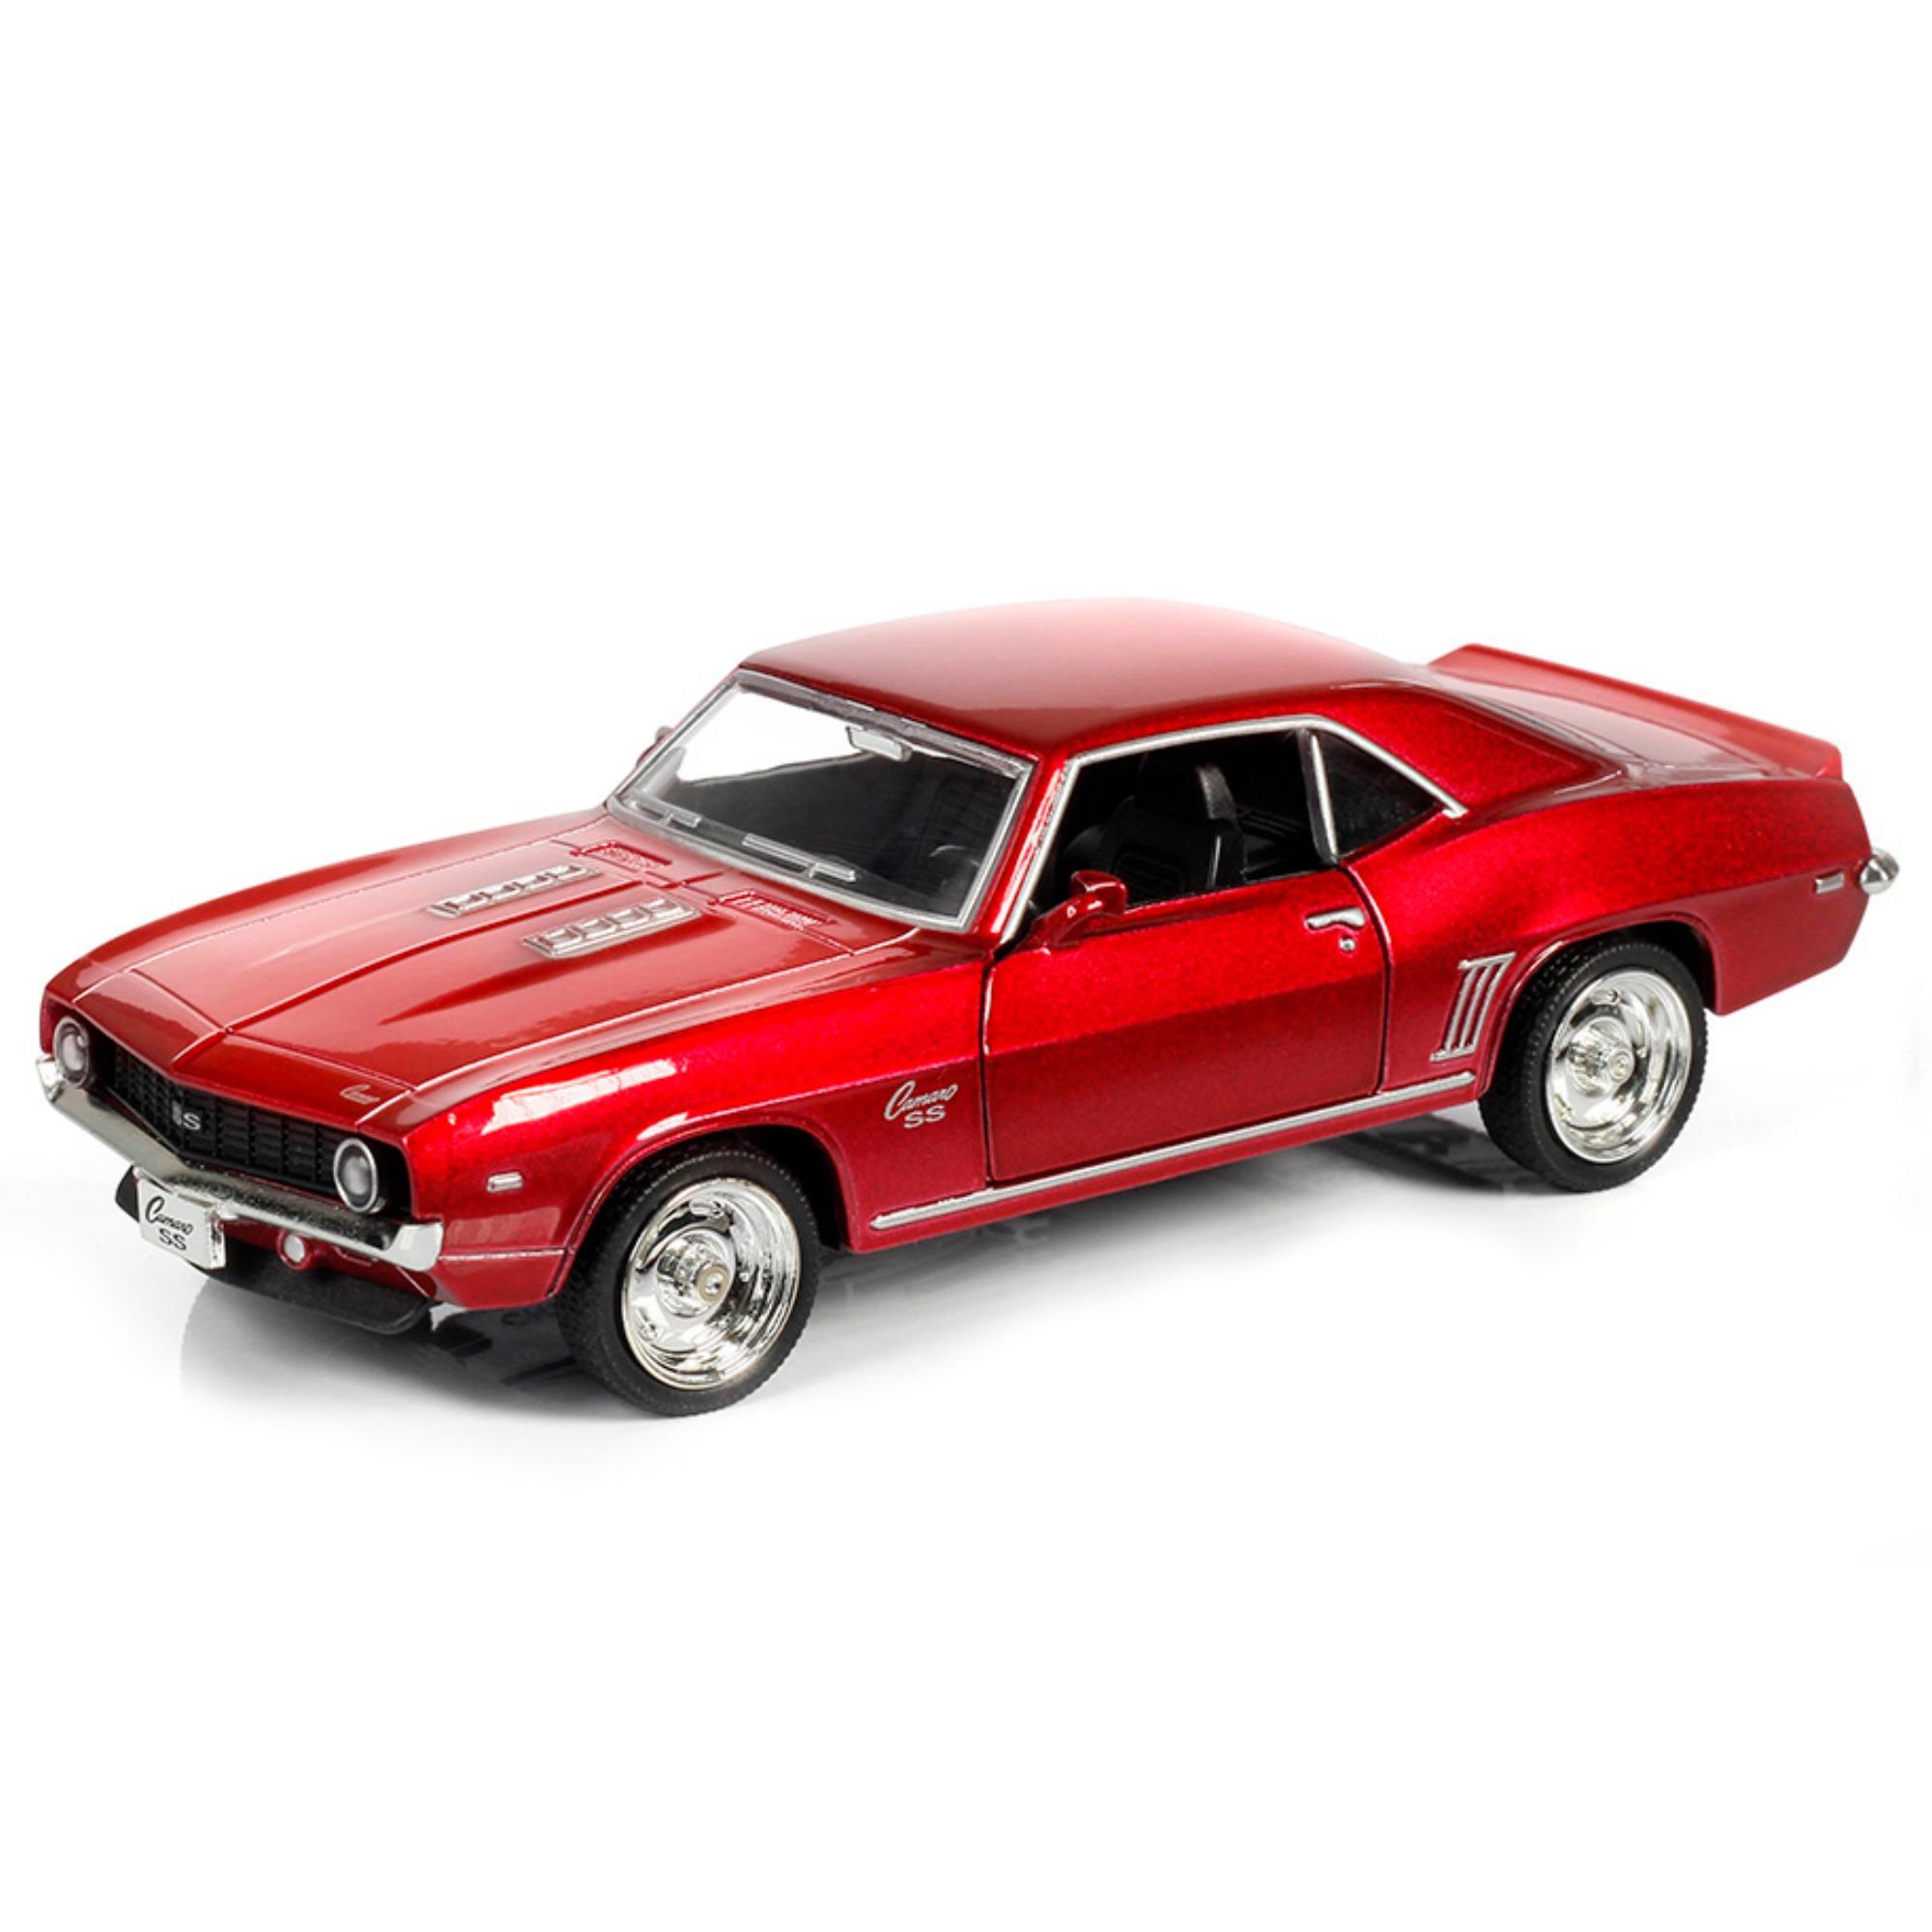 Металлическая инерционная машина RMZ City - Chevrolet Camaro SS 1969, 1:32, красный металликChevrolet<br>Металлическая инерционная машина RMZ City - Chevrolet Camaro SS 1969, 1:32, красный металлик<br>